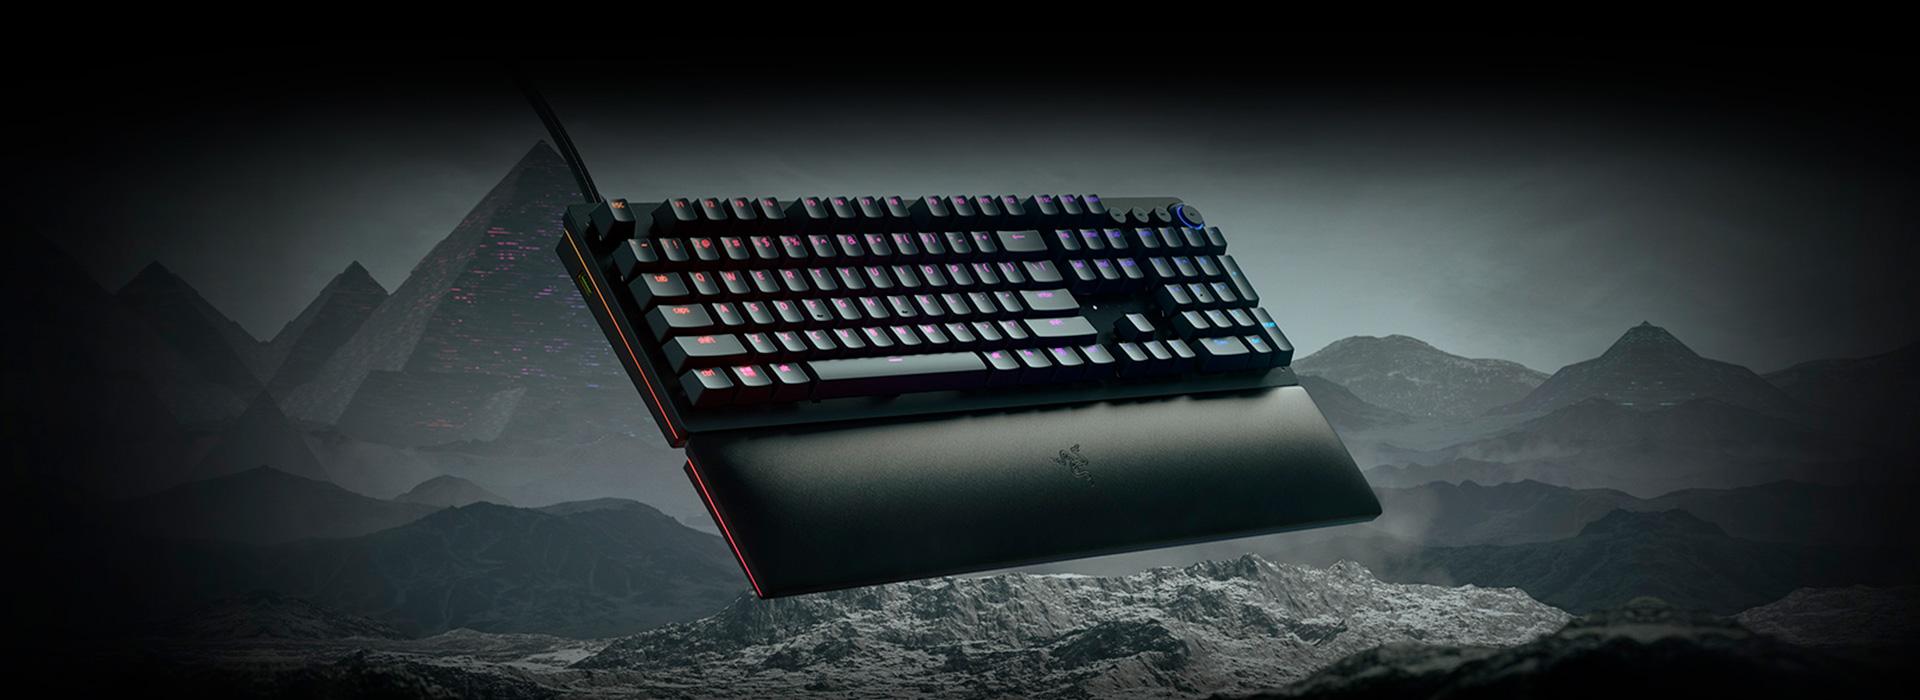 Игровая клавиатура Razer Huntsman V2 Analog